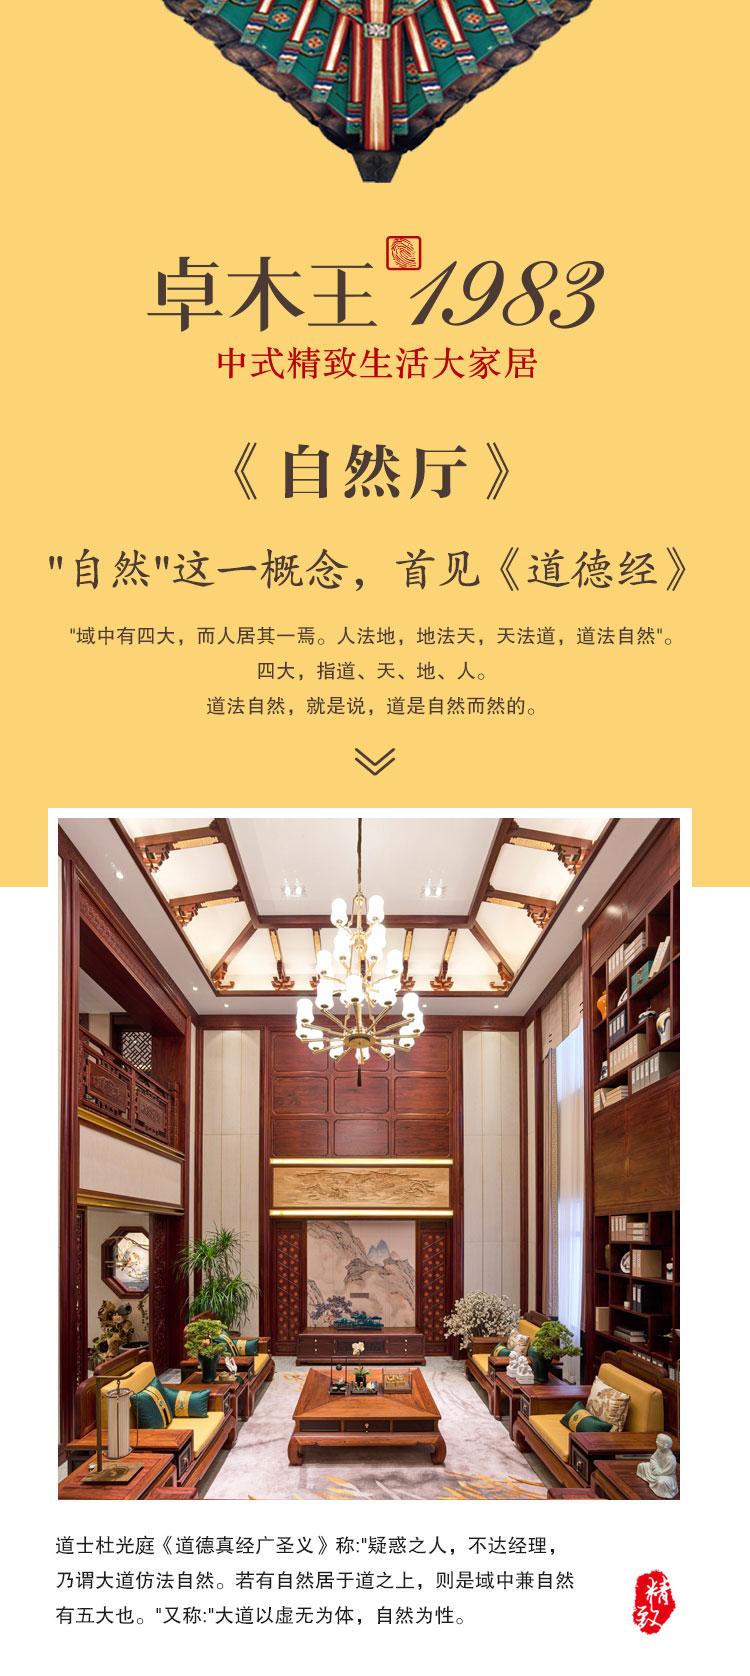 卓木王腾讯产品介绍自然厅-1.jpg